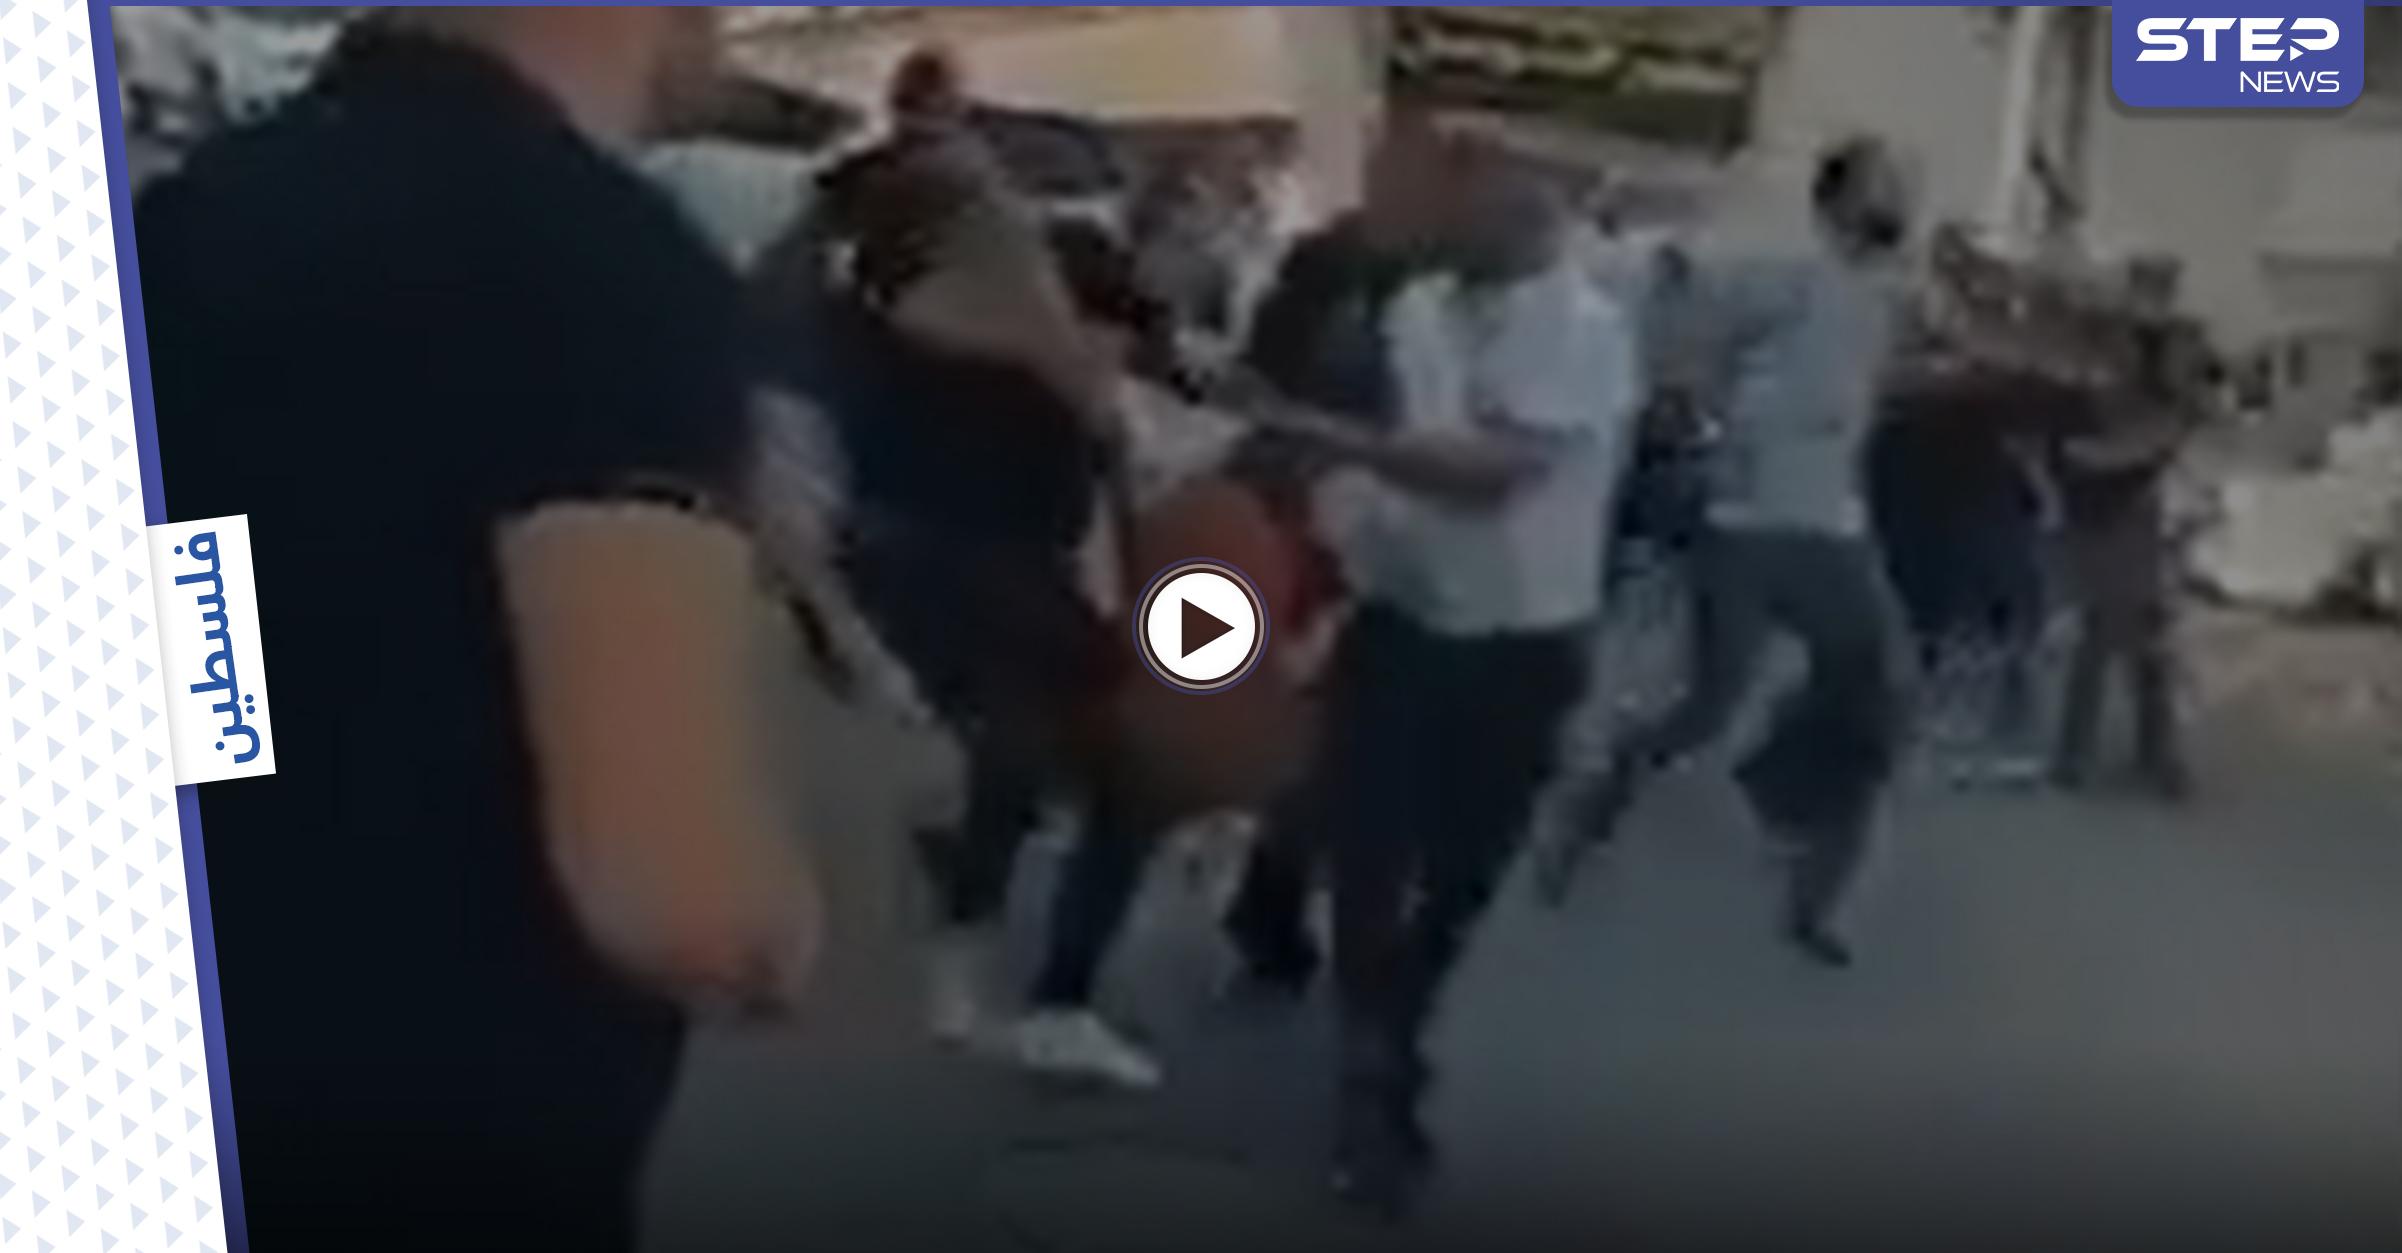 مواجهات عنيفة بالداخل المحتل إثر اقتحام الشرطة الإسرائيلية لحفلِ زفاف (فيديو)